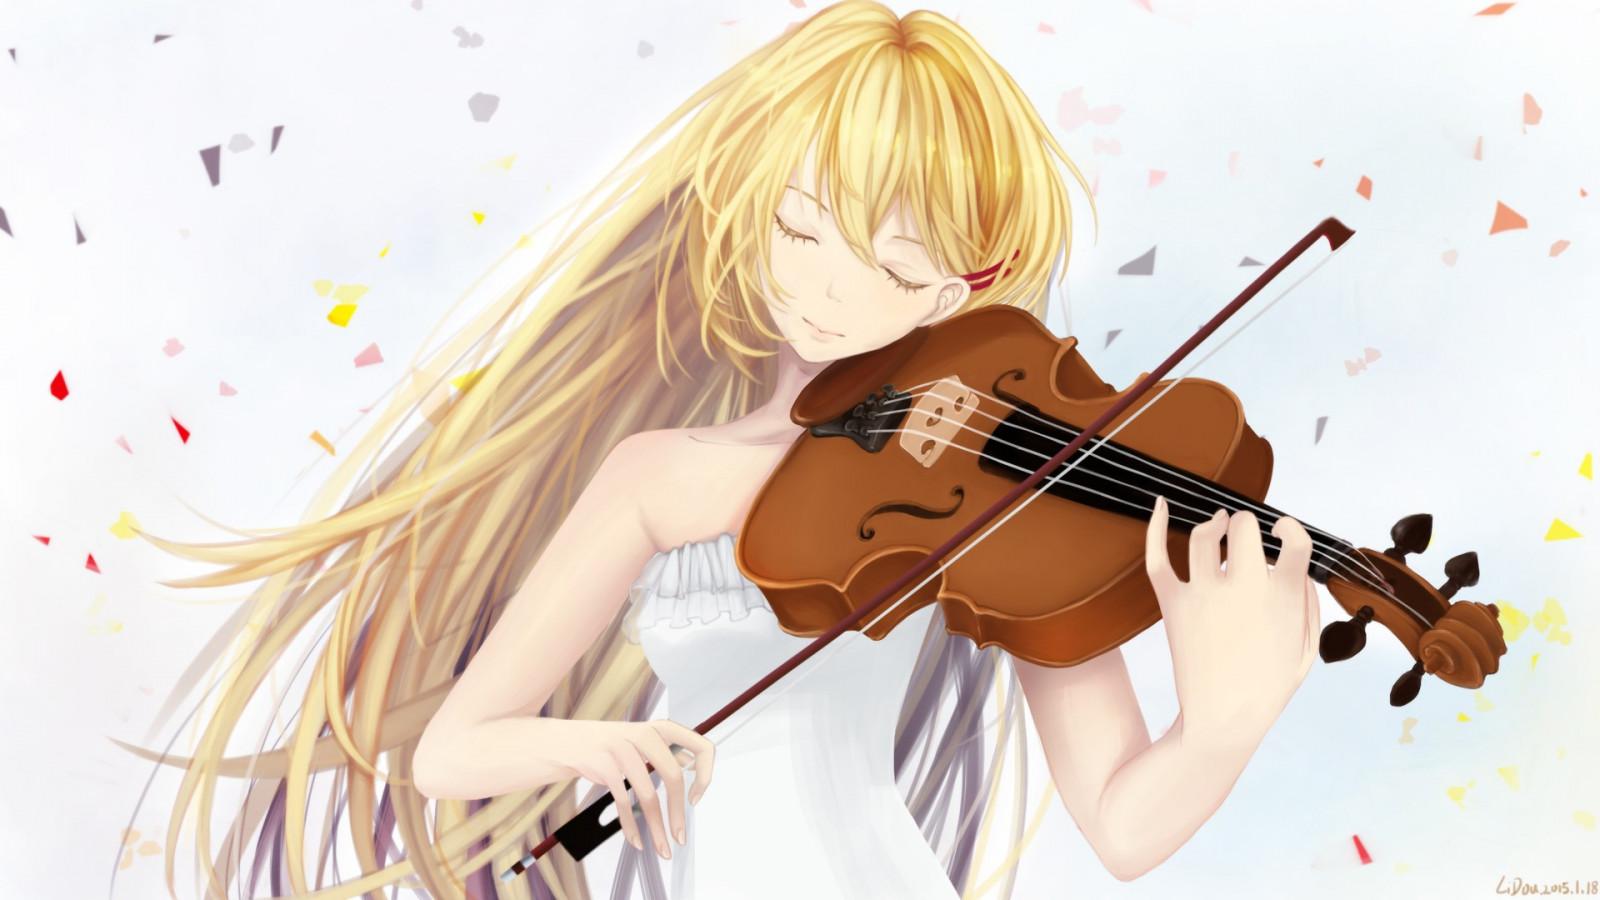 Про школу, открытки музыкальные аниме